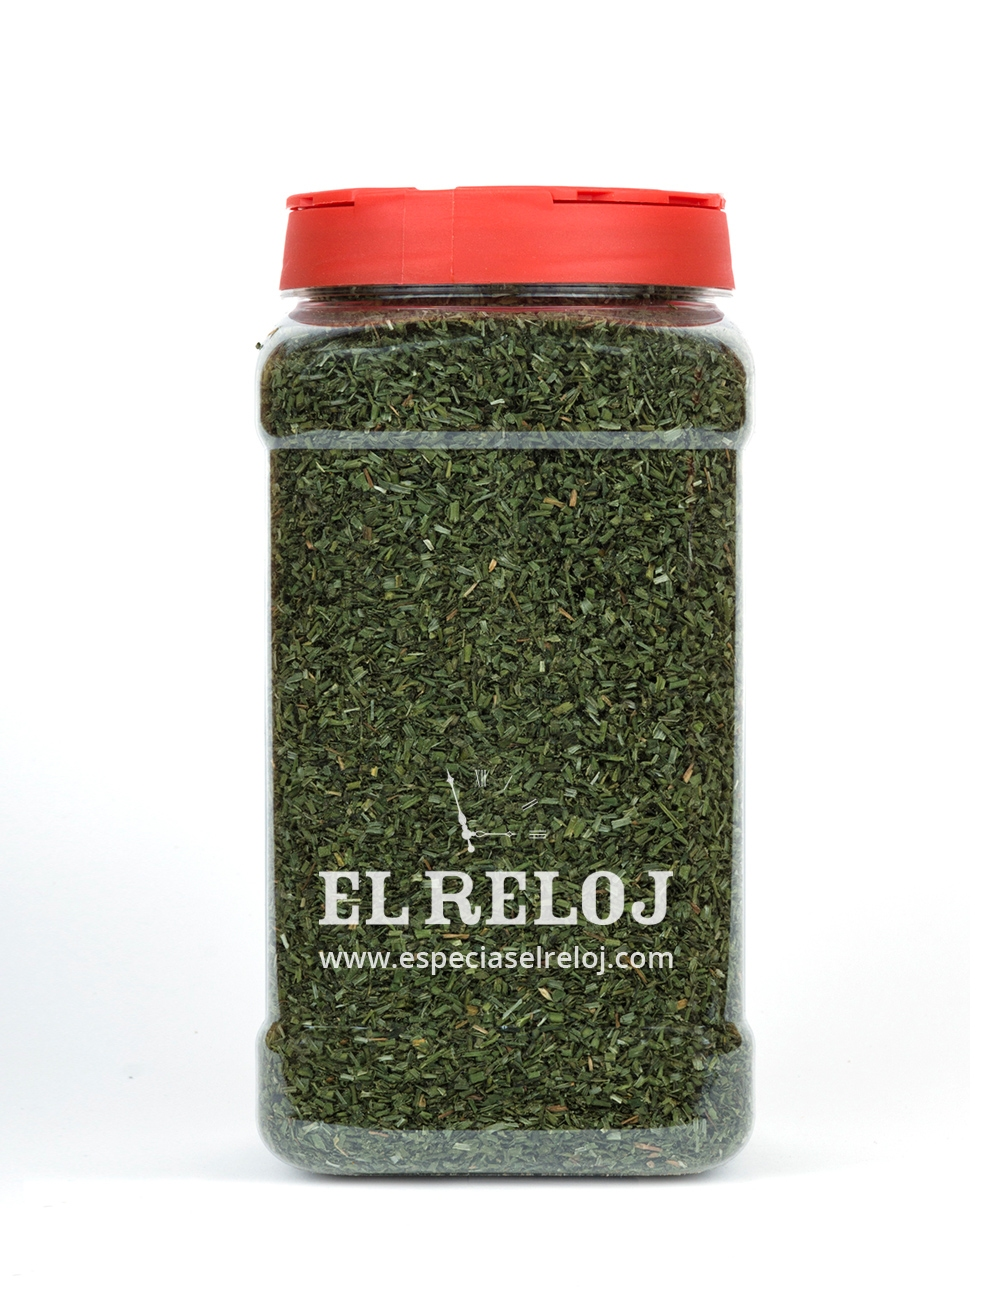 450113 cebollinos distribuidor mayorista de especias for Hierbas aromaticas y medicinales